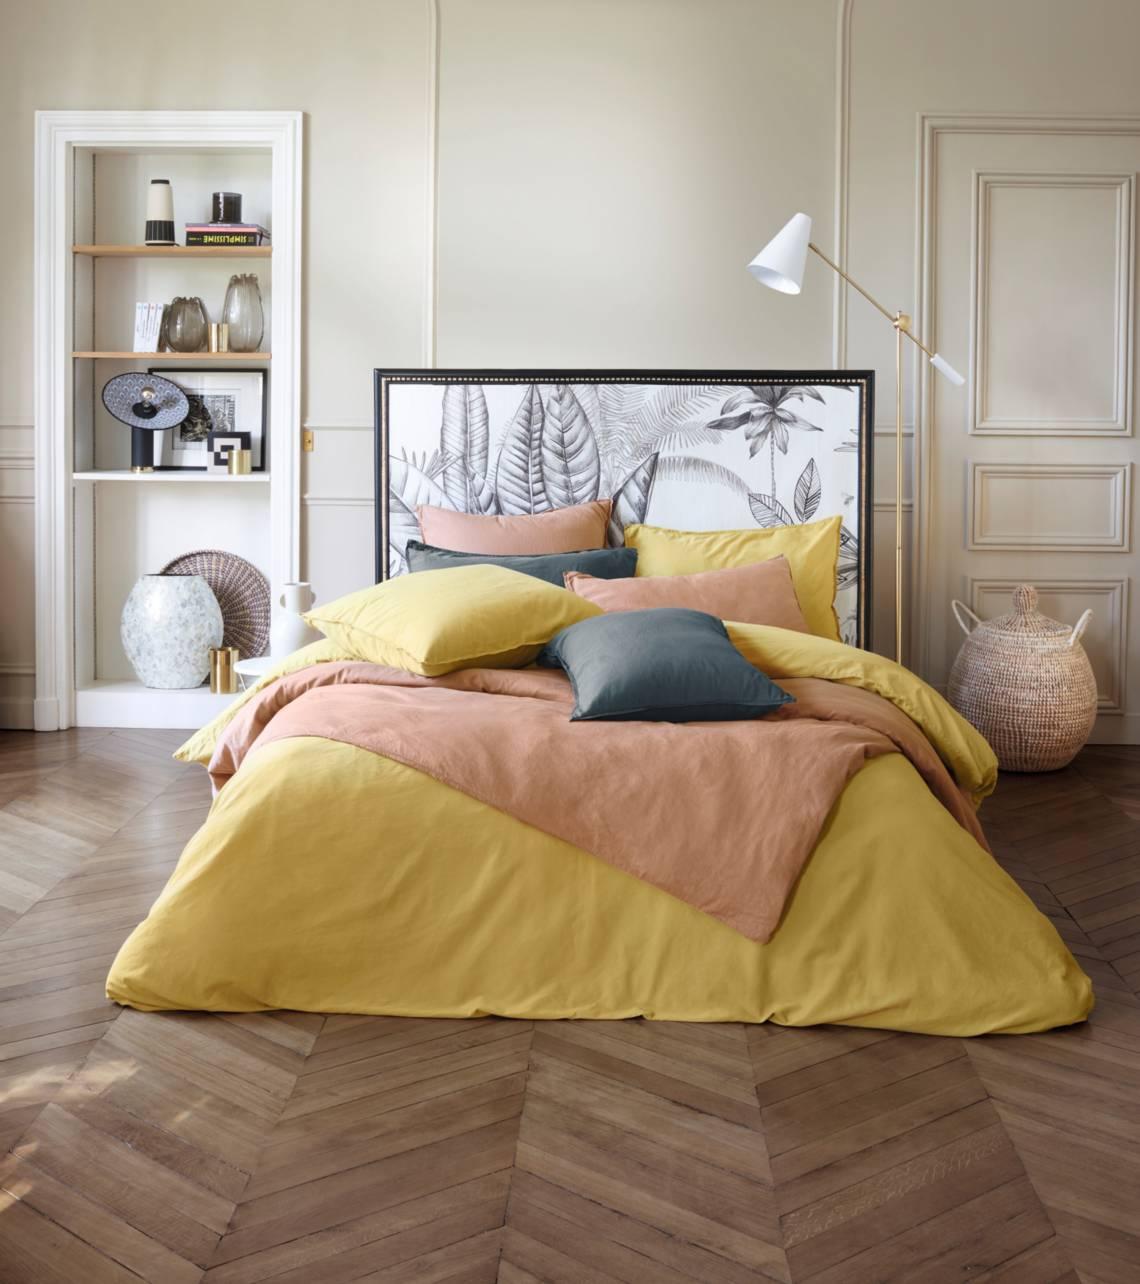 Linvosges:  Französischer Chic Bettwäsche gelb gewaschener Satin